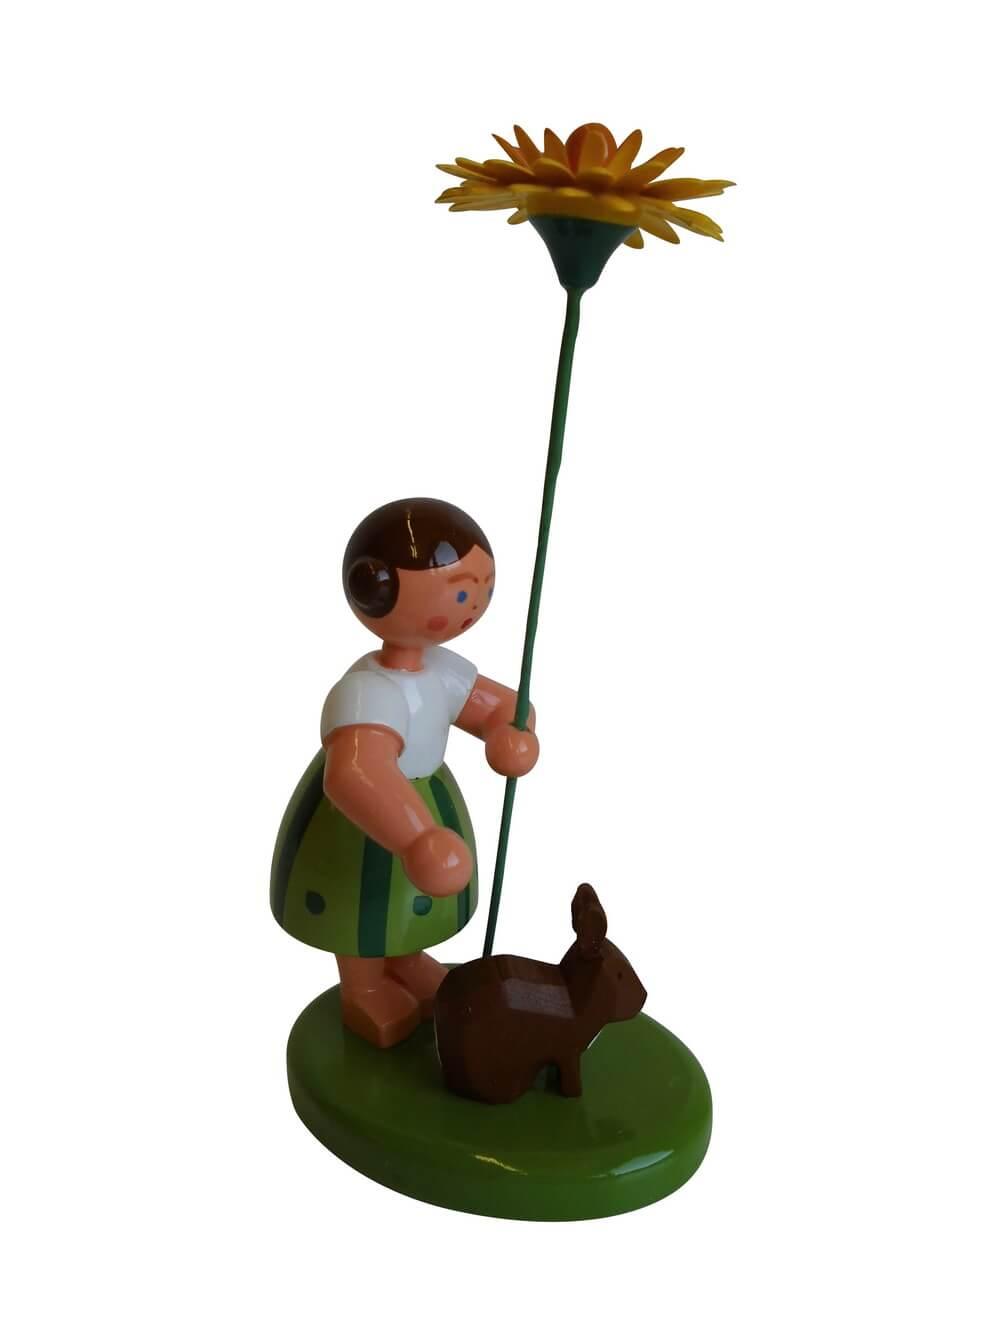 Blumenkinder - Blumenkind Mädchen mit Reifentier (Hase) und Löwenzahn, 10 cm von WEHA-Kunst Dippoldiswalde/ Erzgebirge